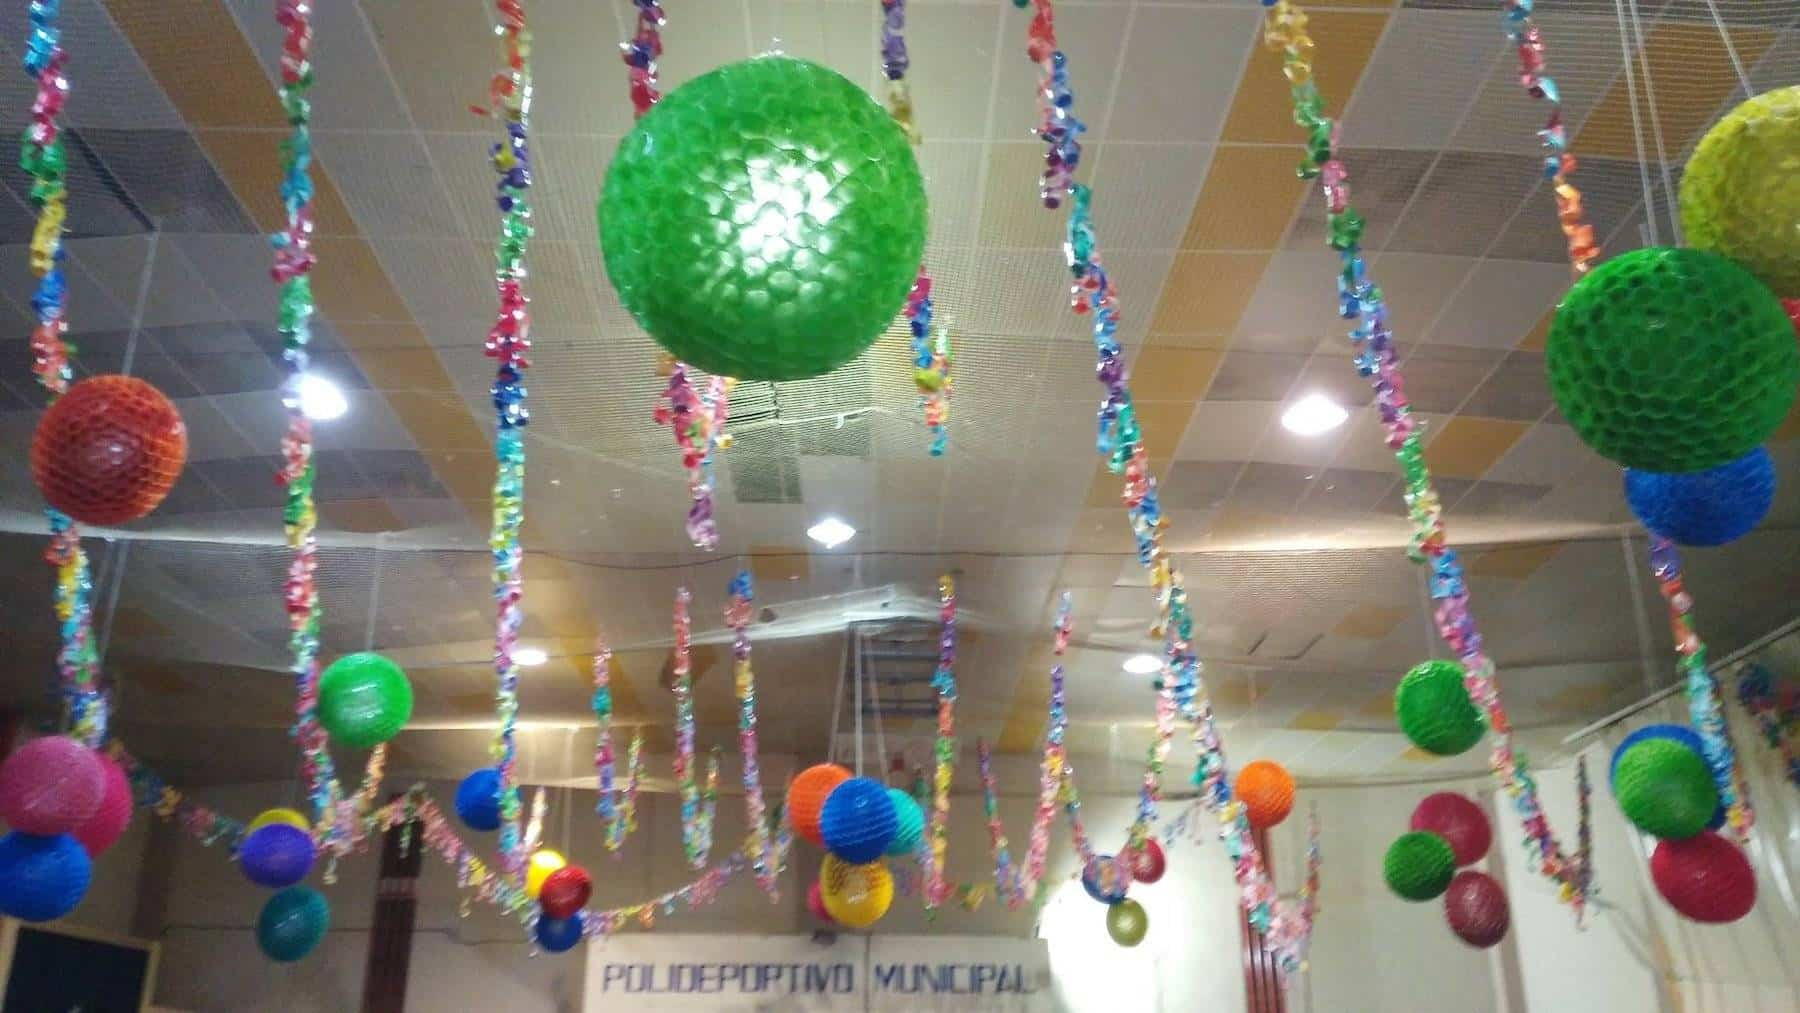 palacio carnaval herencia decoracion - La inauguración del Carnaval de Herencia en directo por Facebook